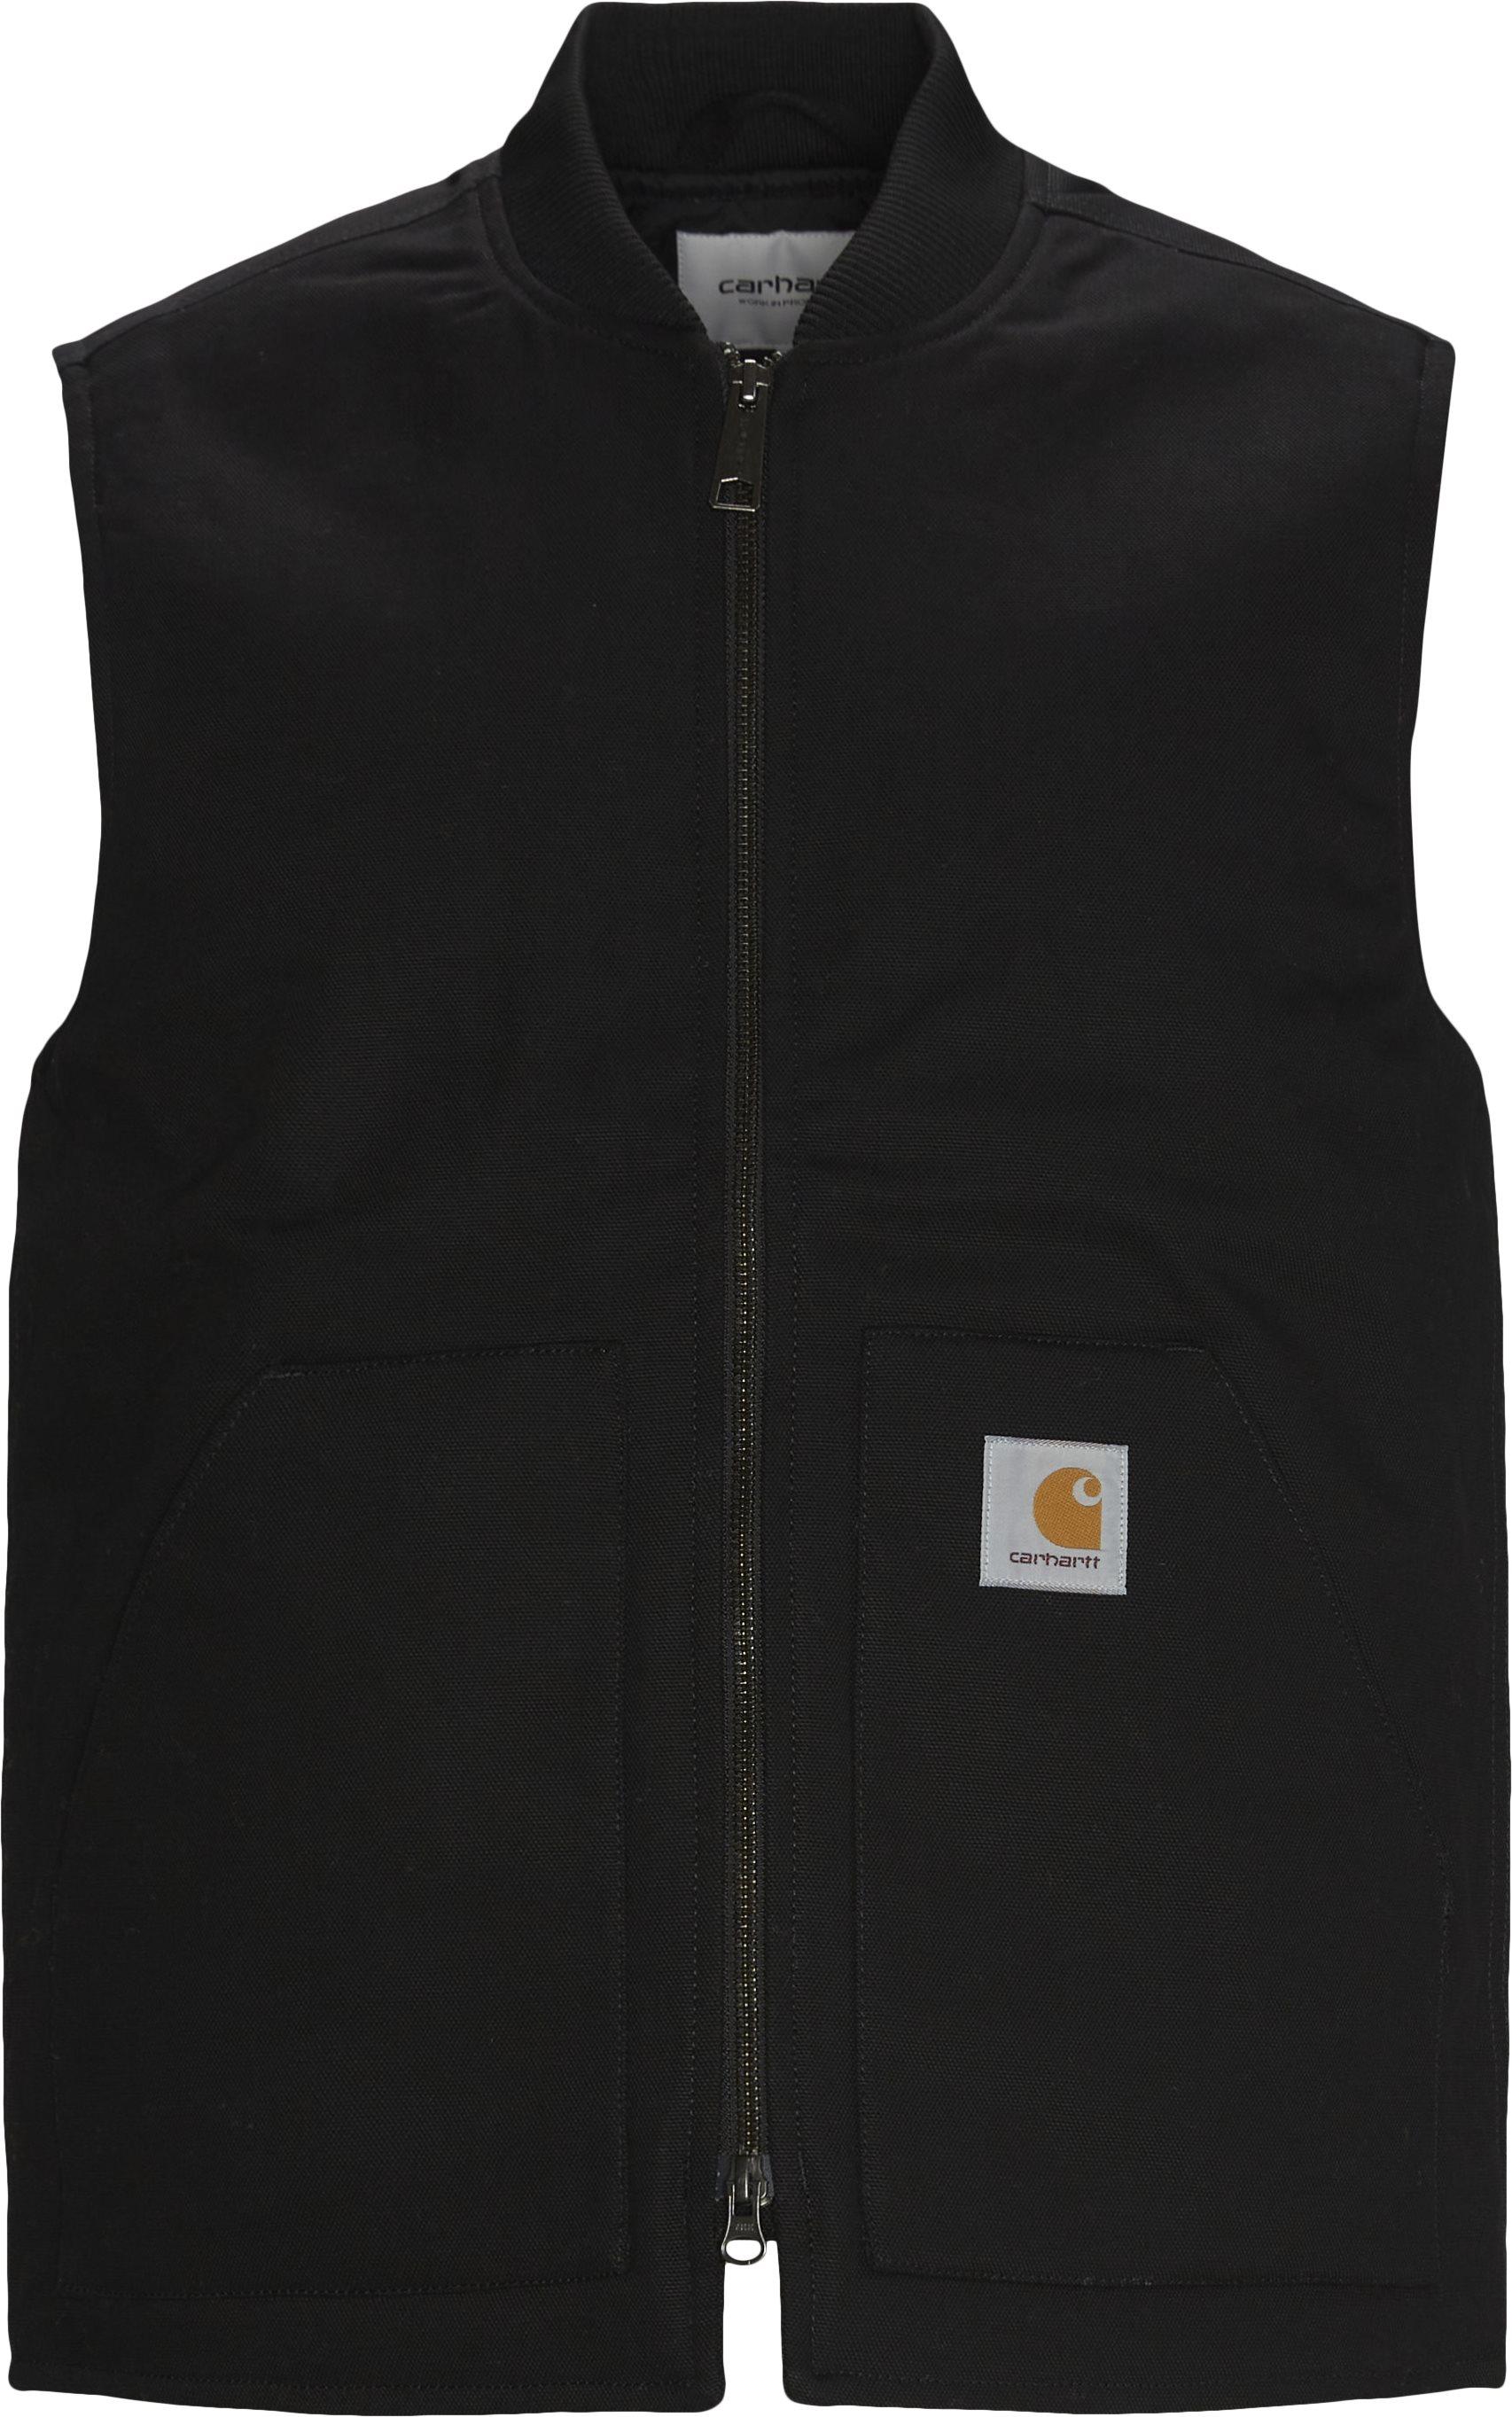 Vests - Black